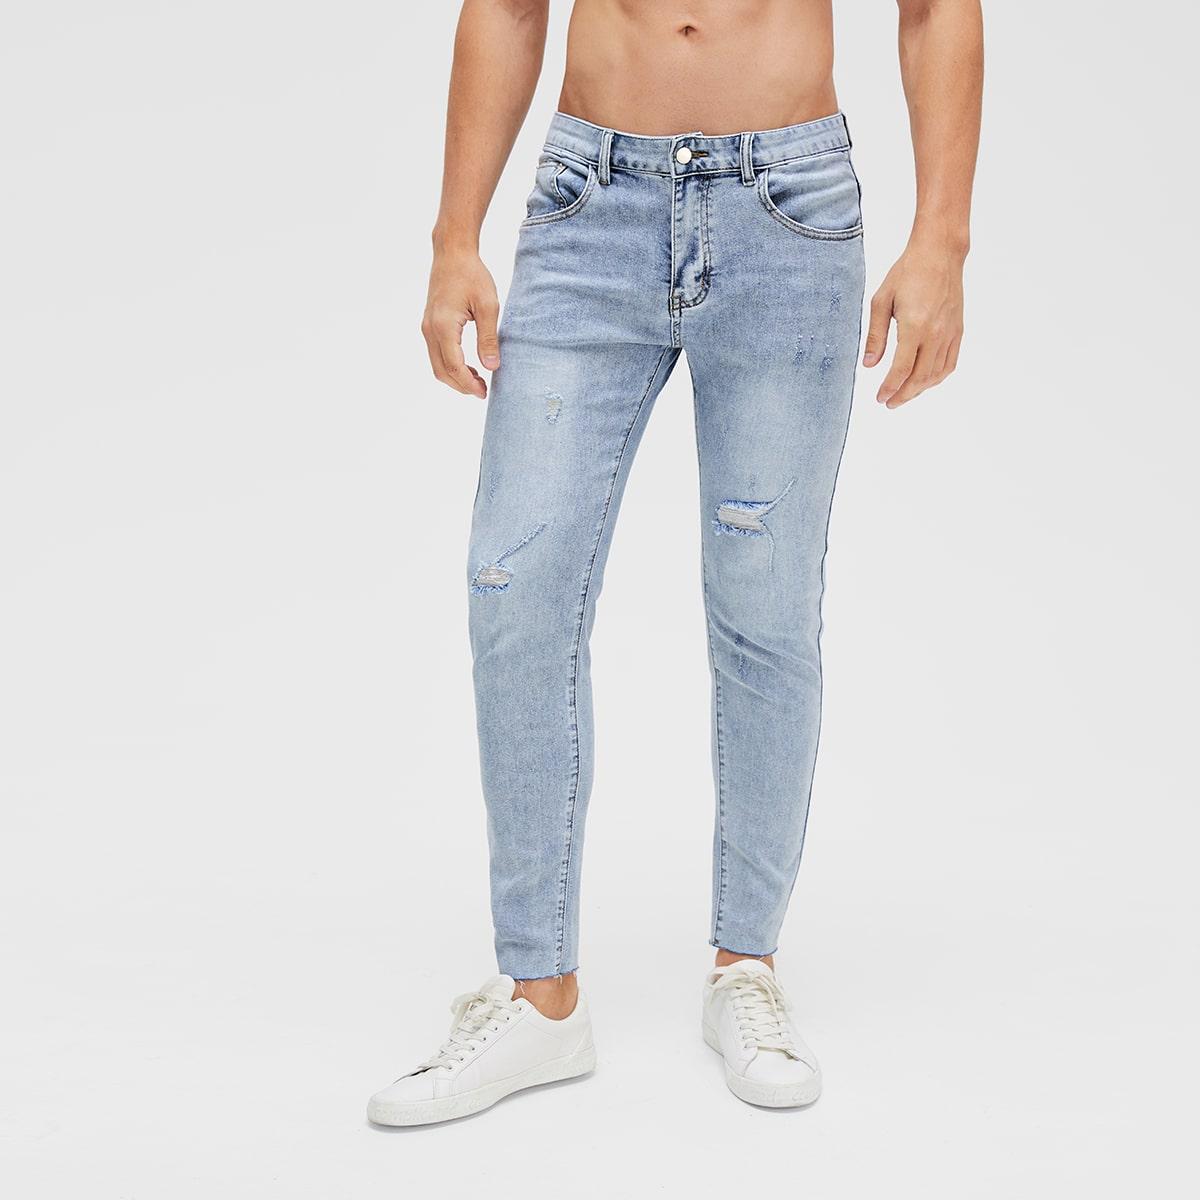 Легкий Синий Умывания Разрезы Одноцветный Повседневный Мужские джинсы фото